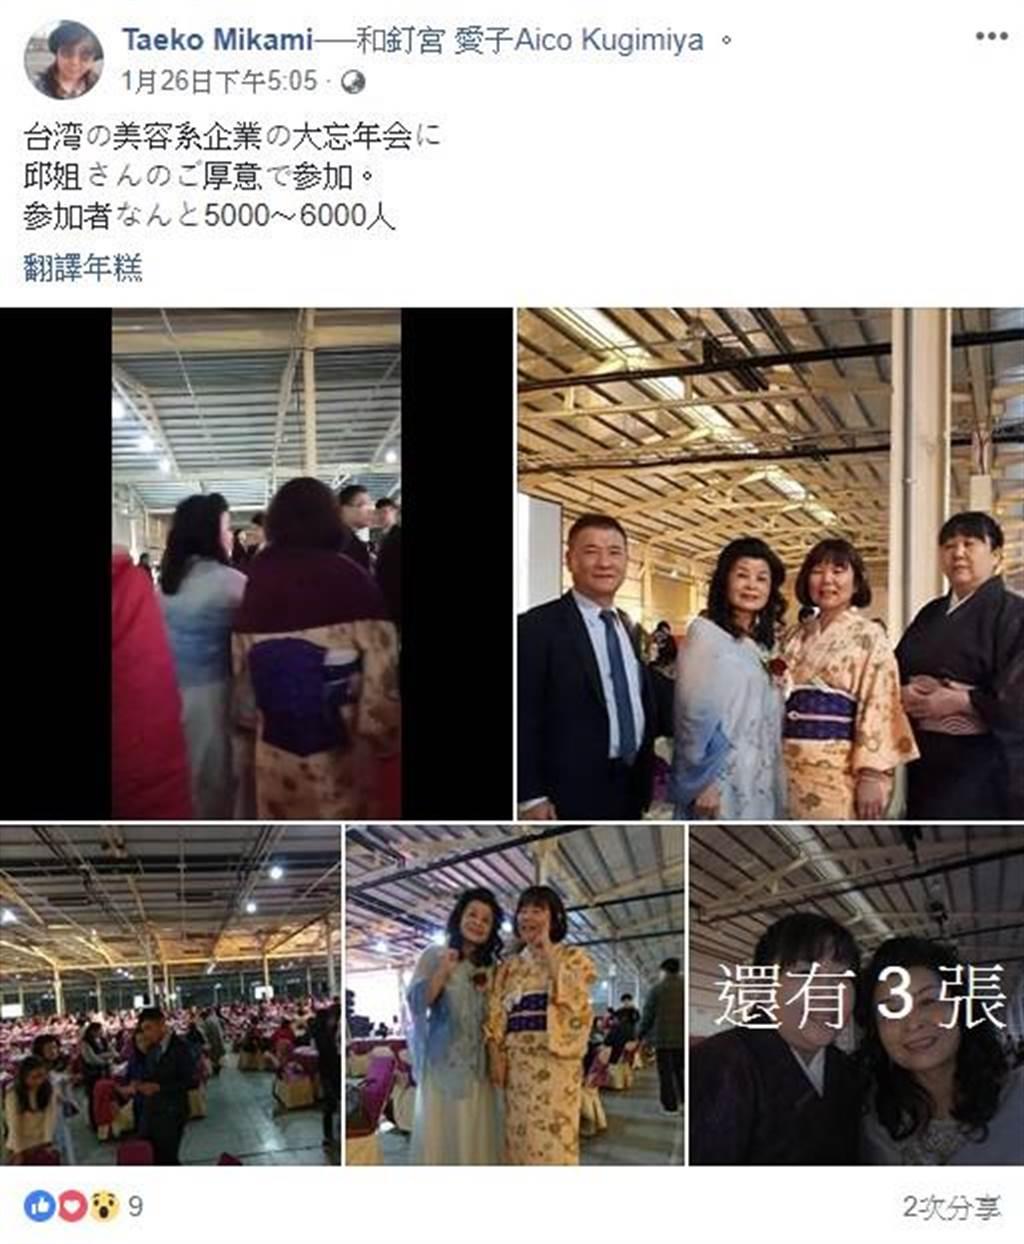 日本追星族在她臉書感謝台灣美容企業偉大的年會,謝謝邱姐好意邀請我參加;參加者約有5000-6000人。(吳家詮翻攝)